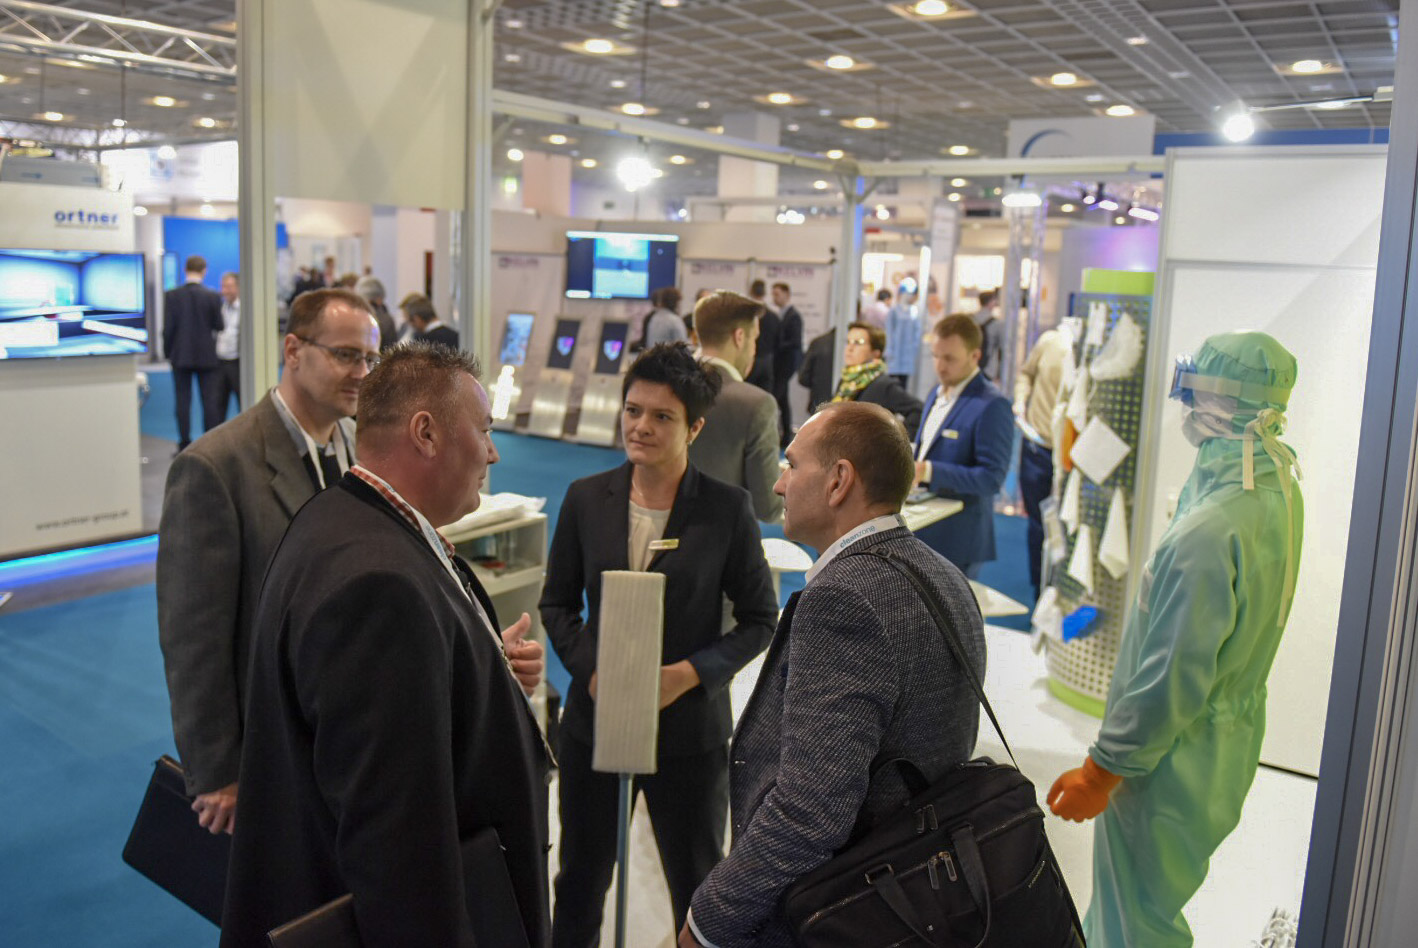 Dubai'de temizoda teknolojisine hitap eden yeni bir konferans ve fuar açılıyor.